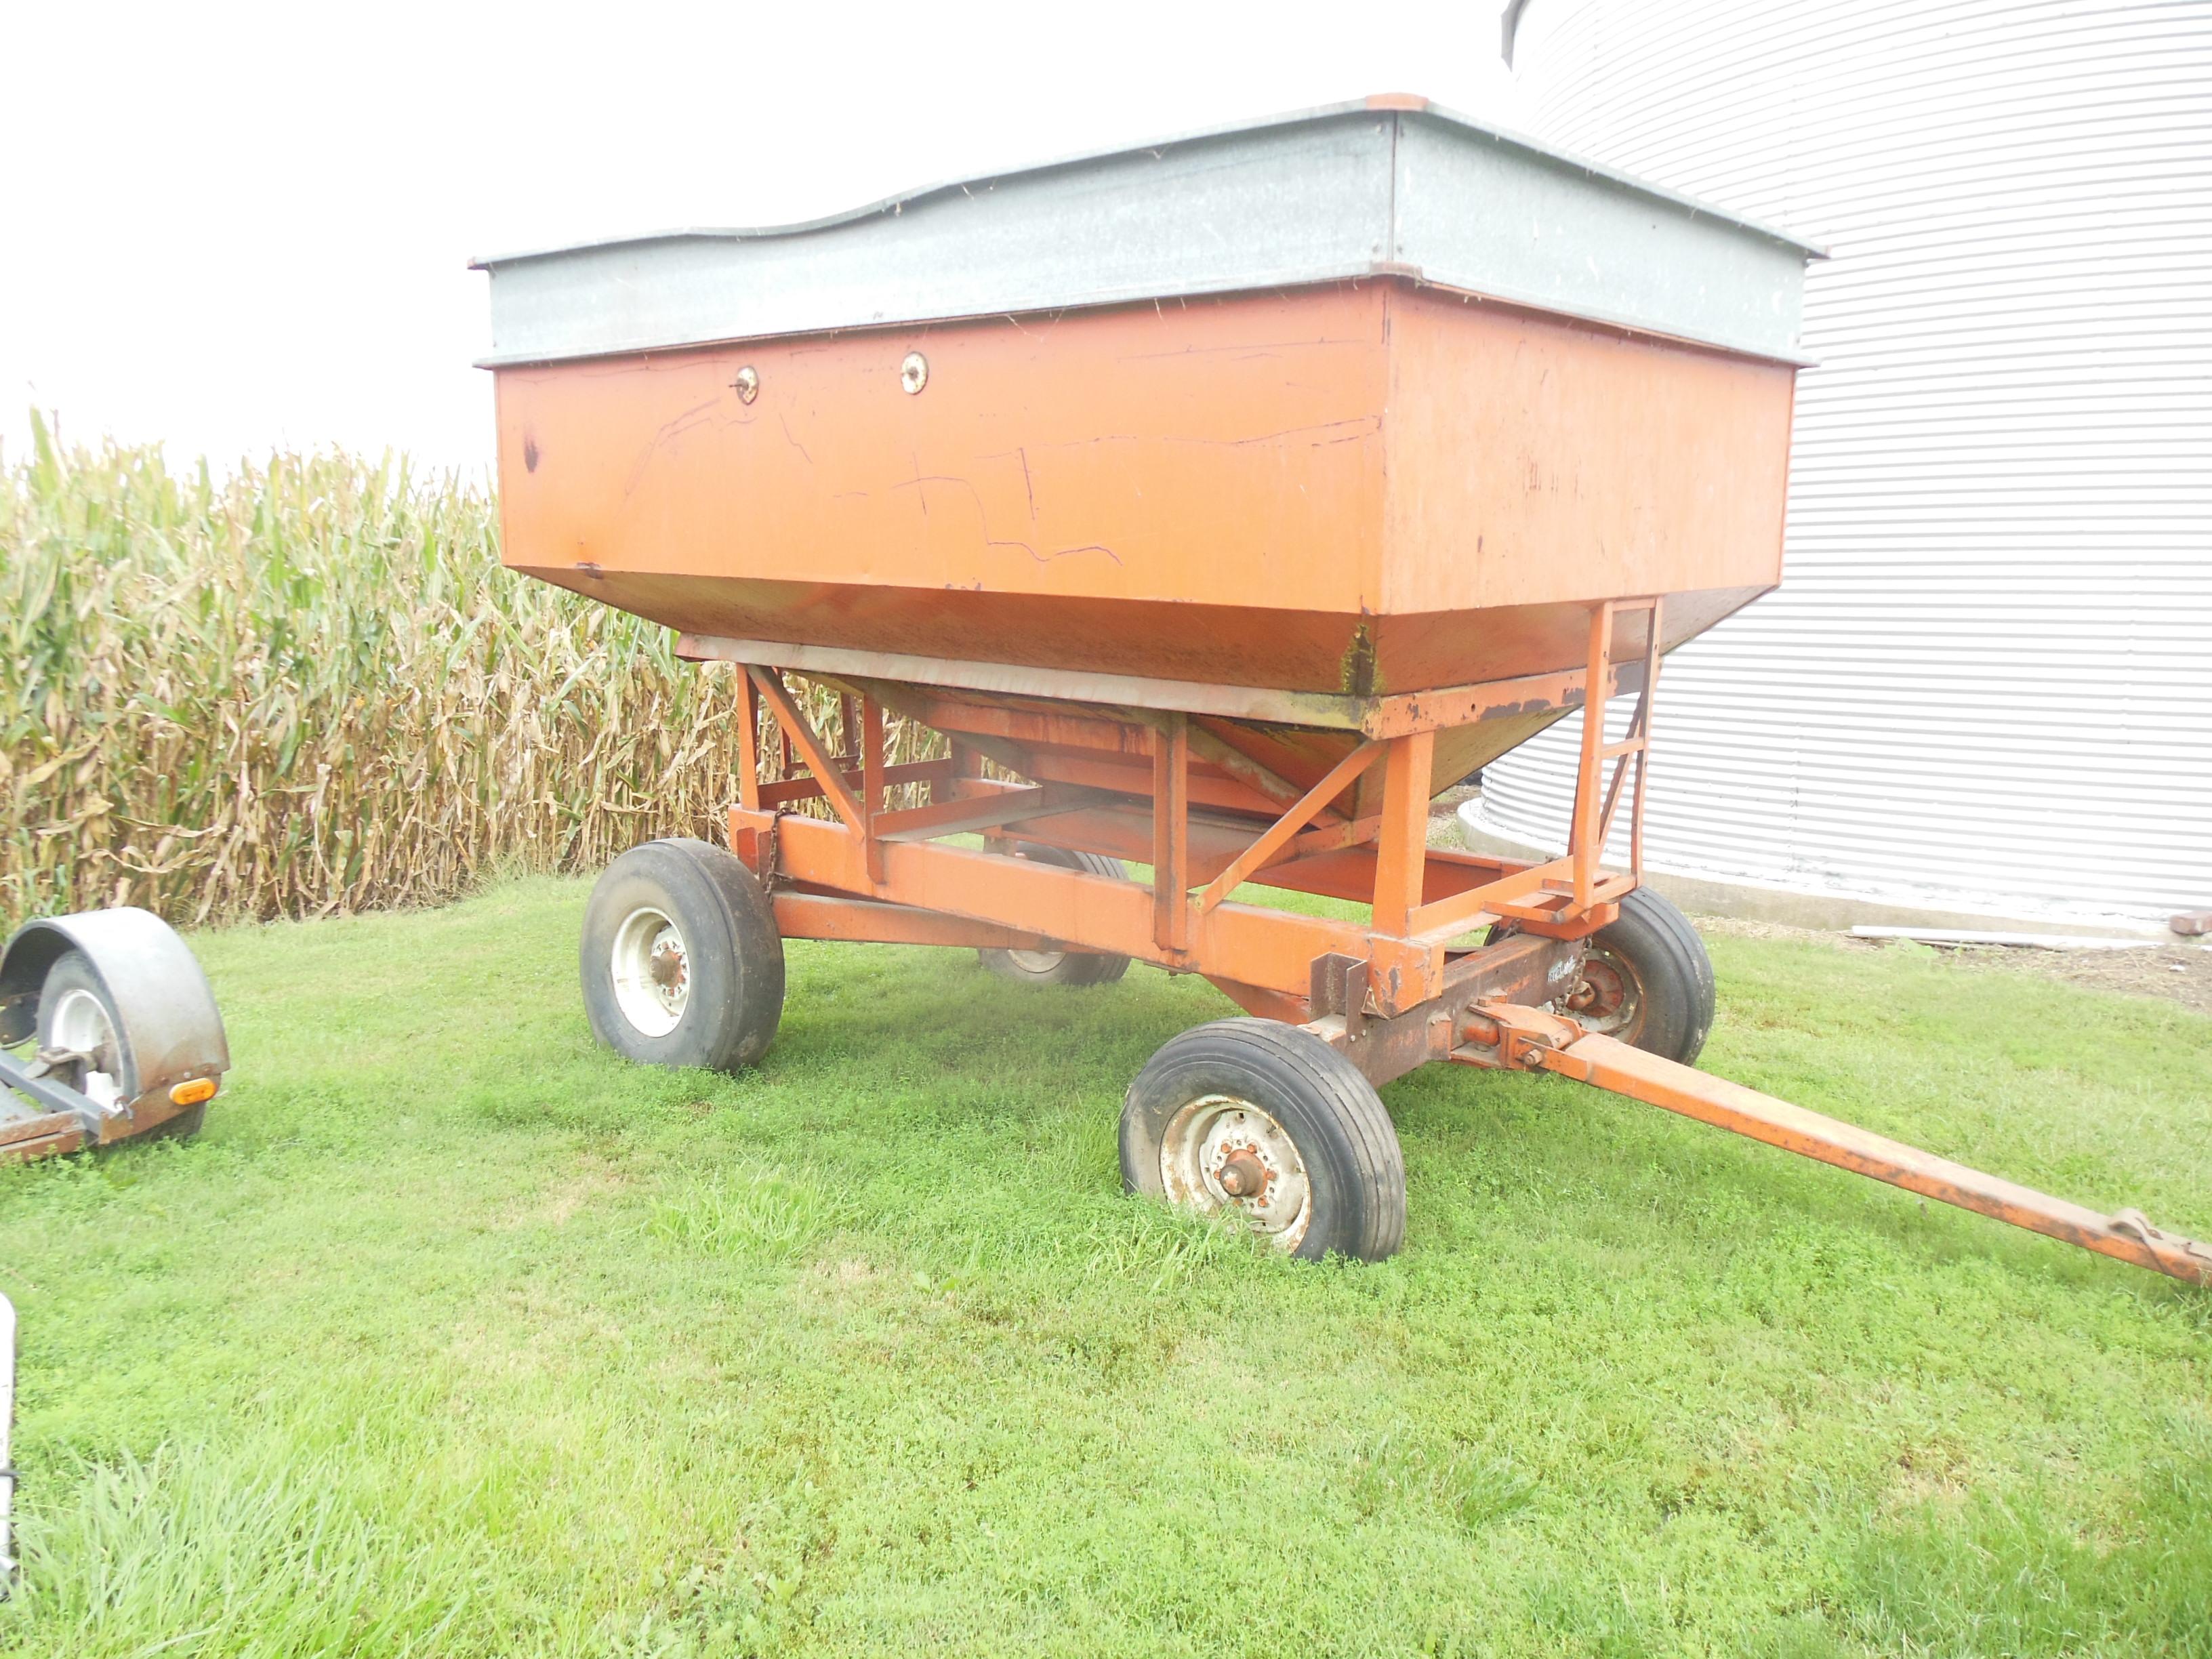 Clark Gravity flow wagon